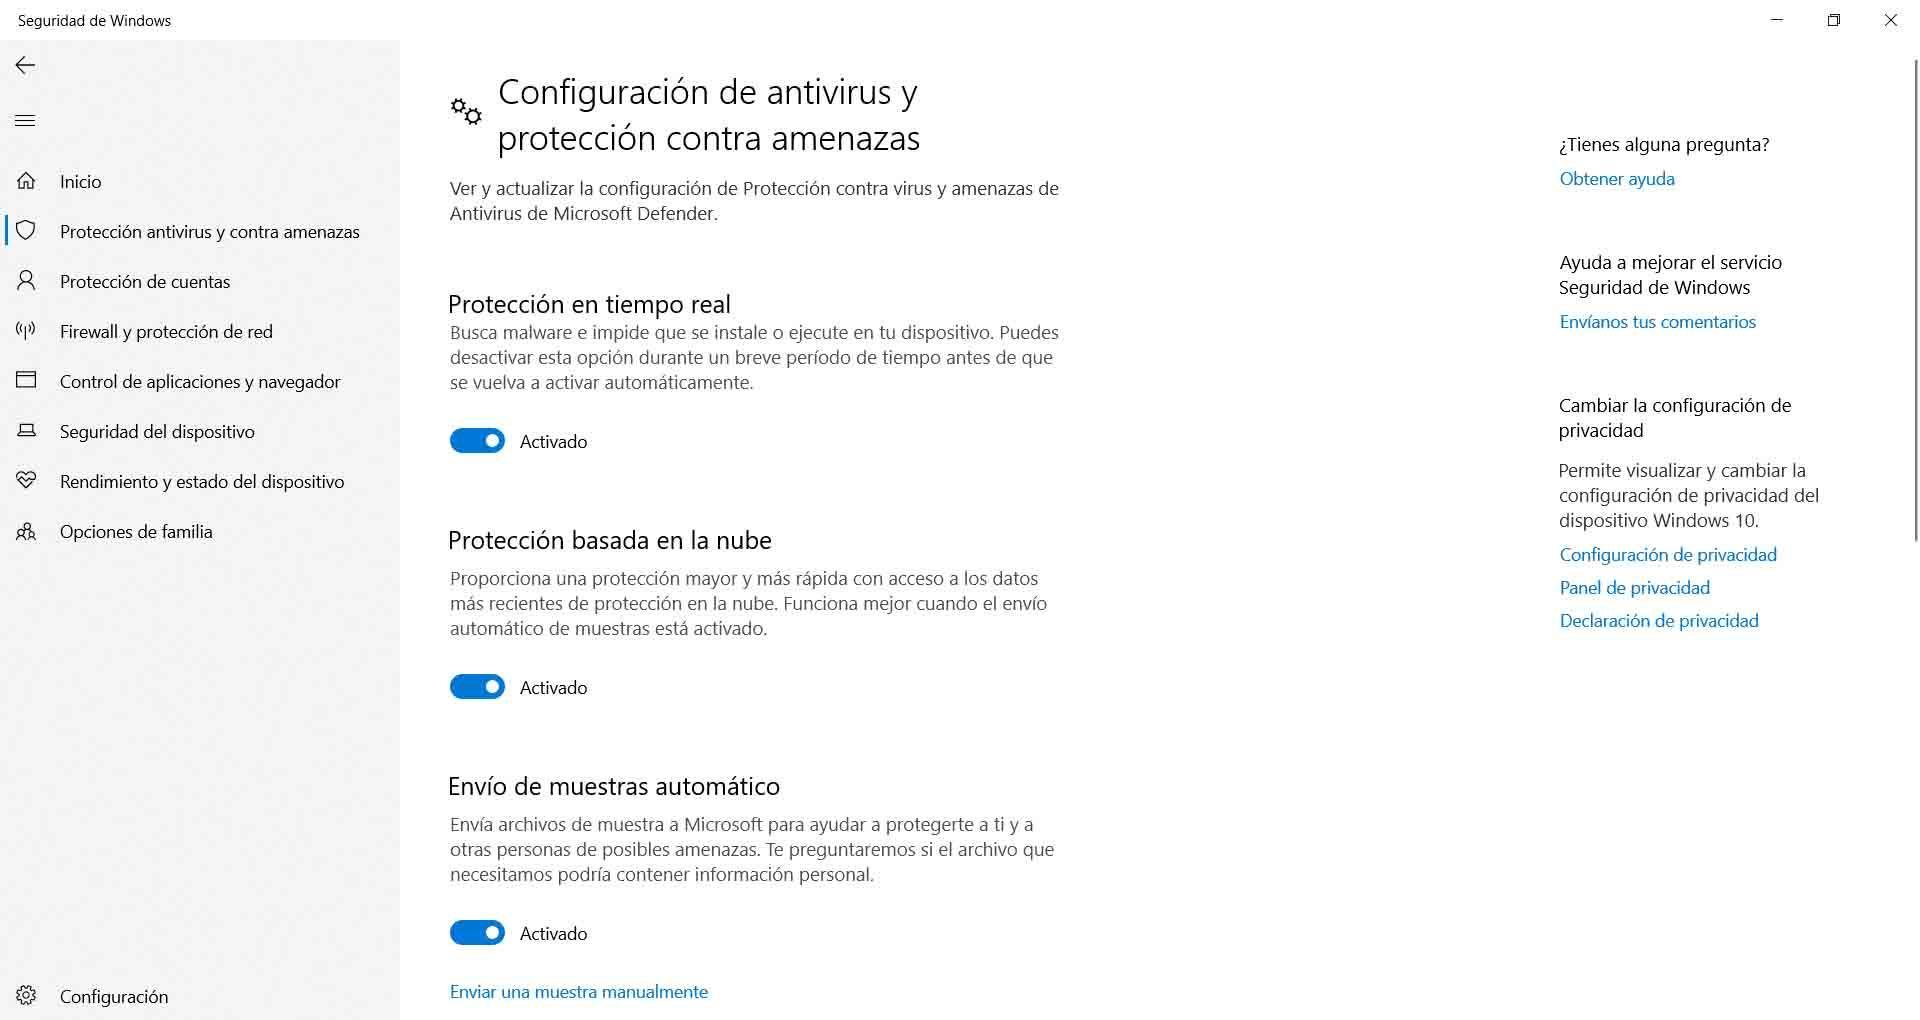 Protección en tiempo real de Windows Defender